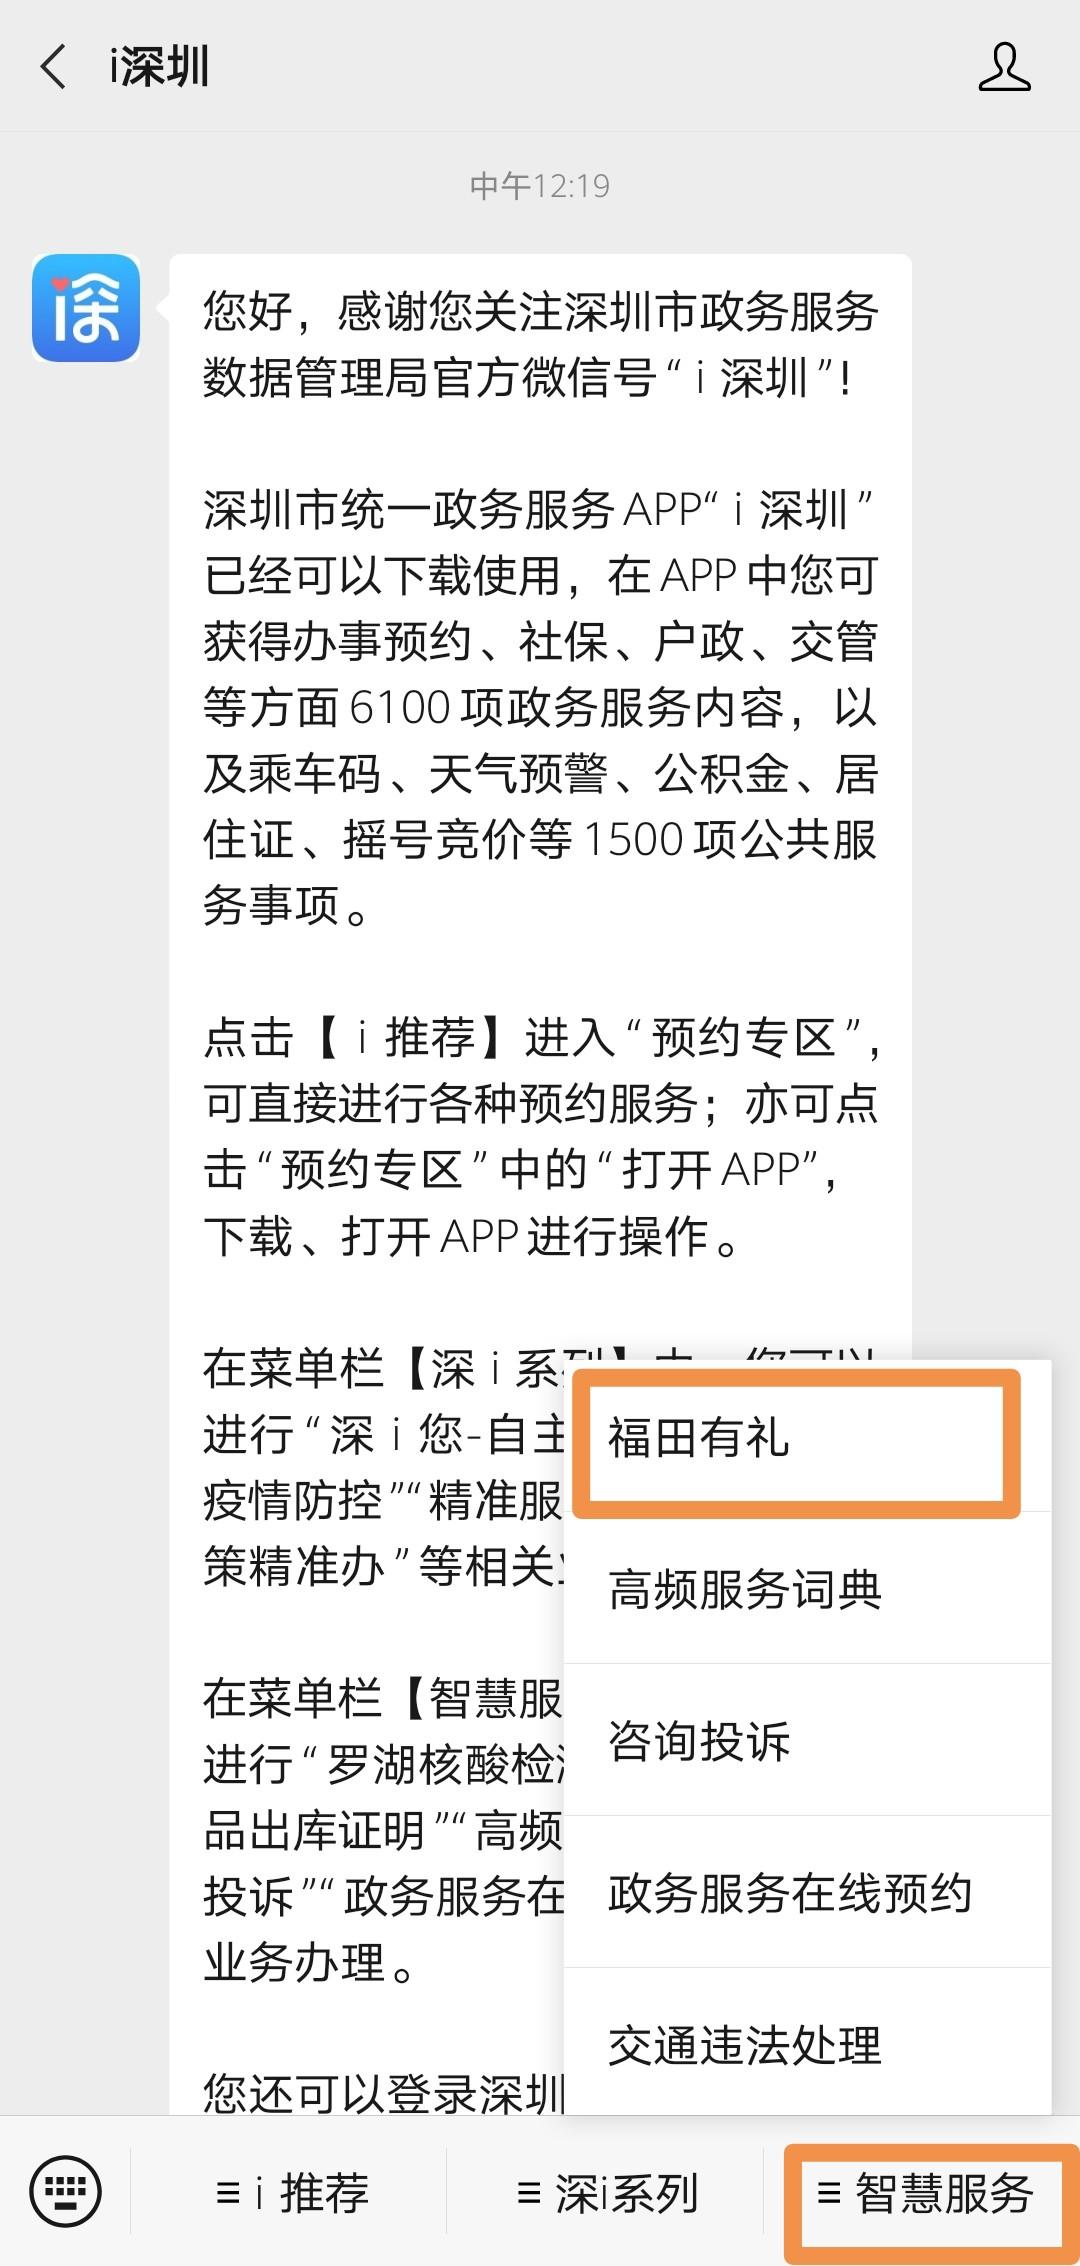 深圳又发数字人民币红包!欢太数科科技助力OPPO门店数字人民币消费